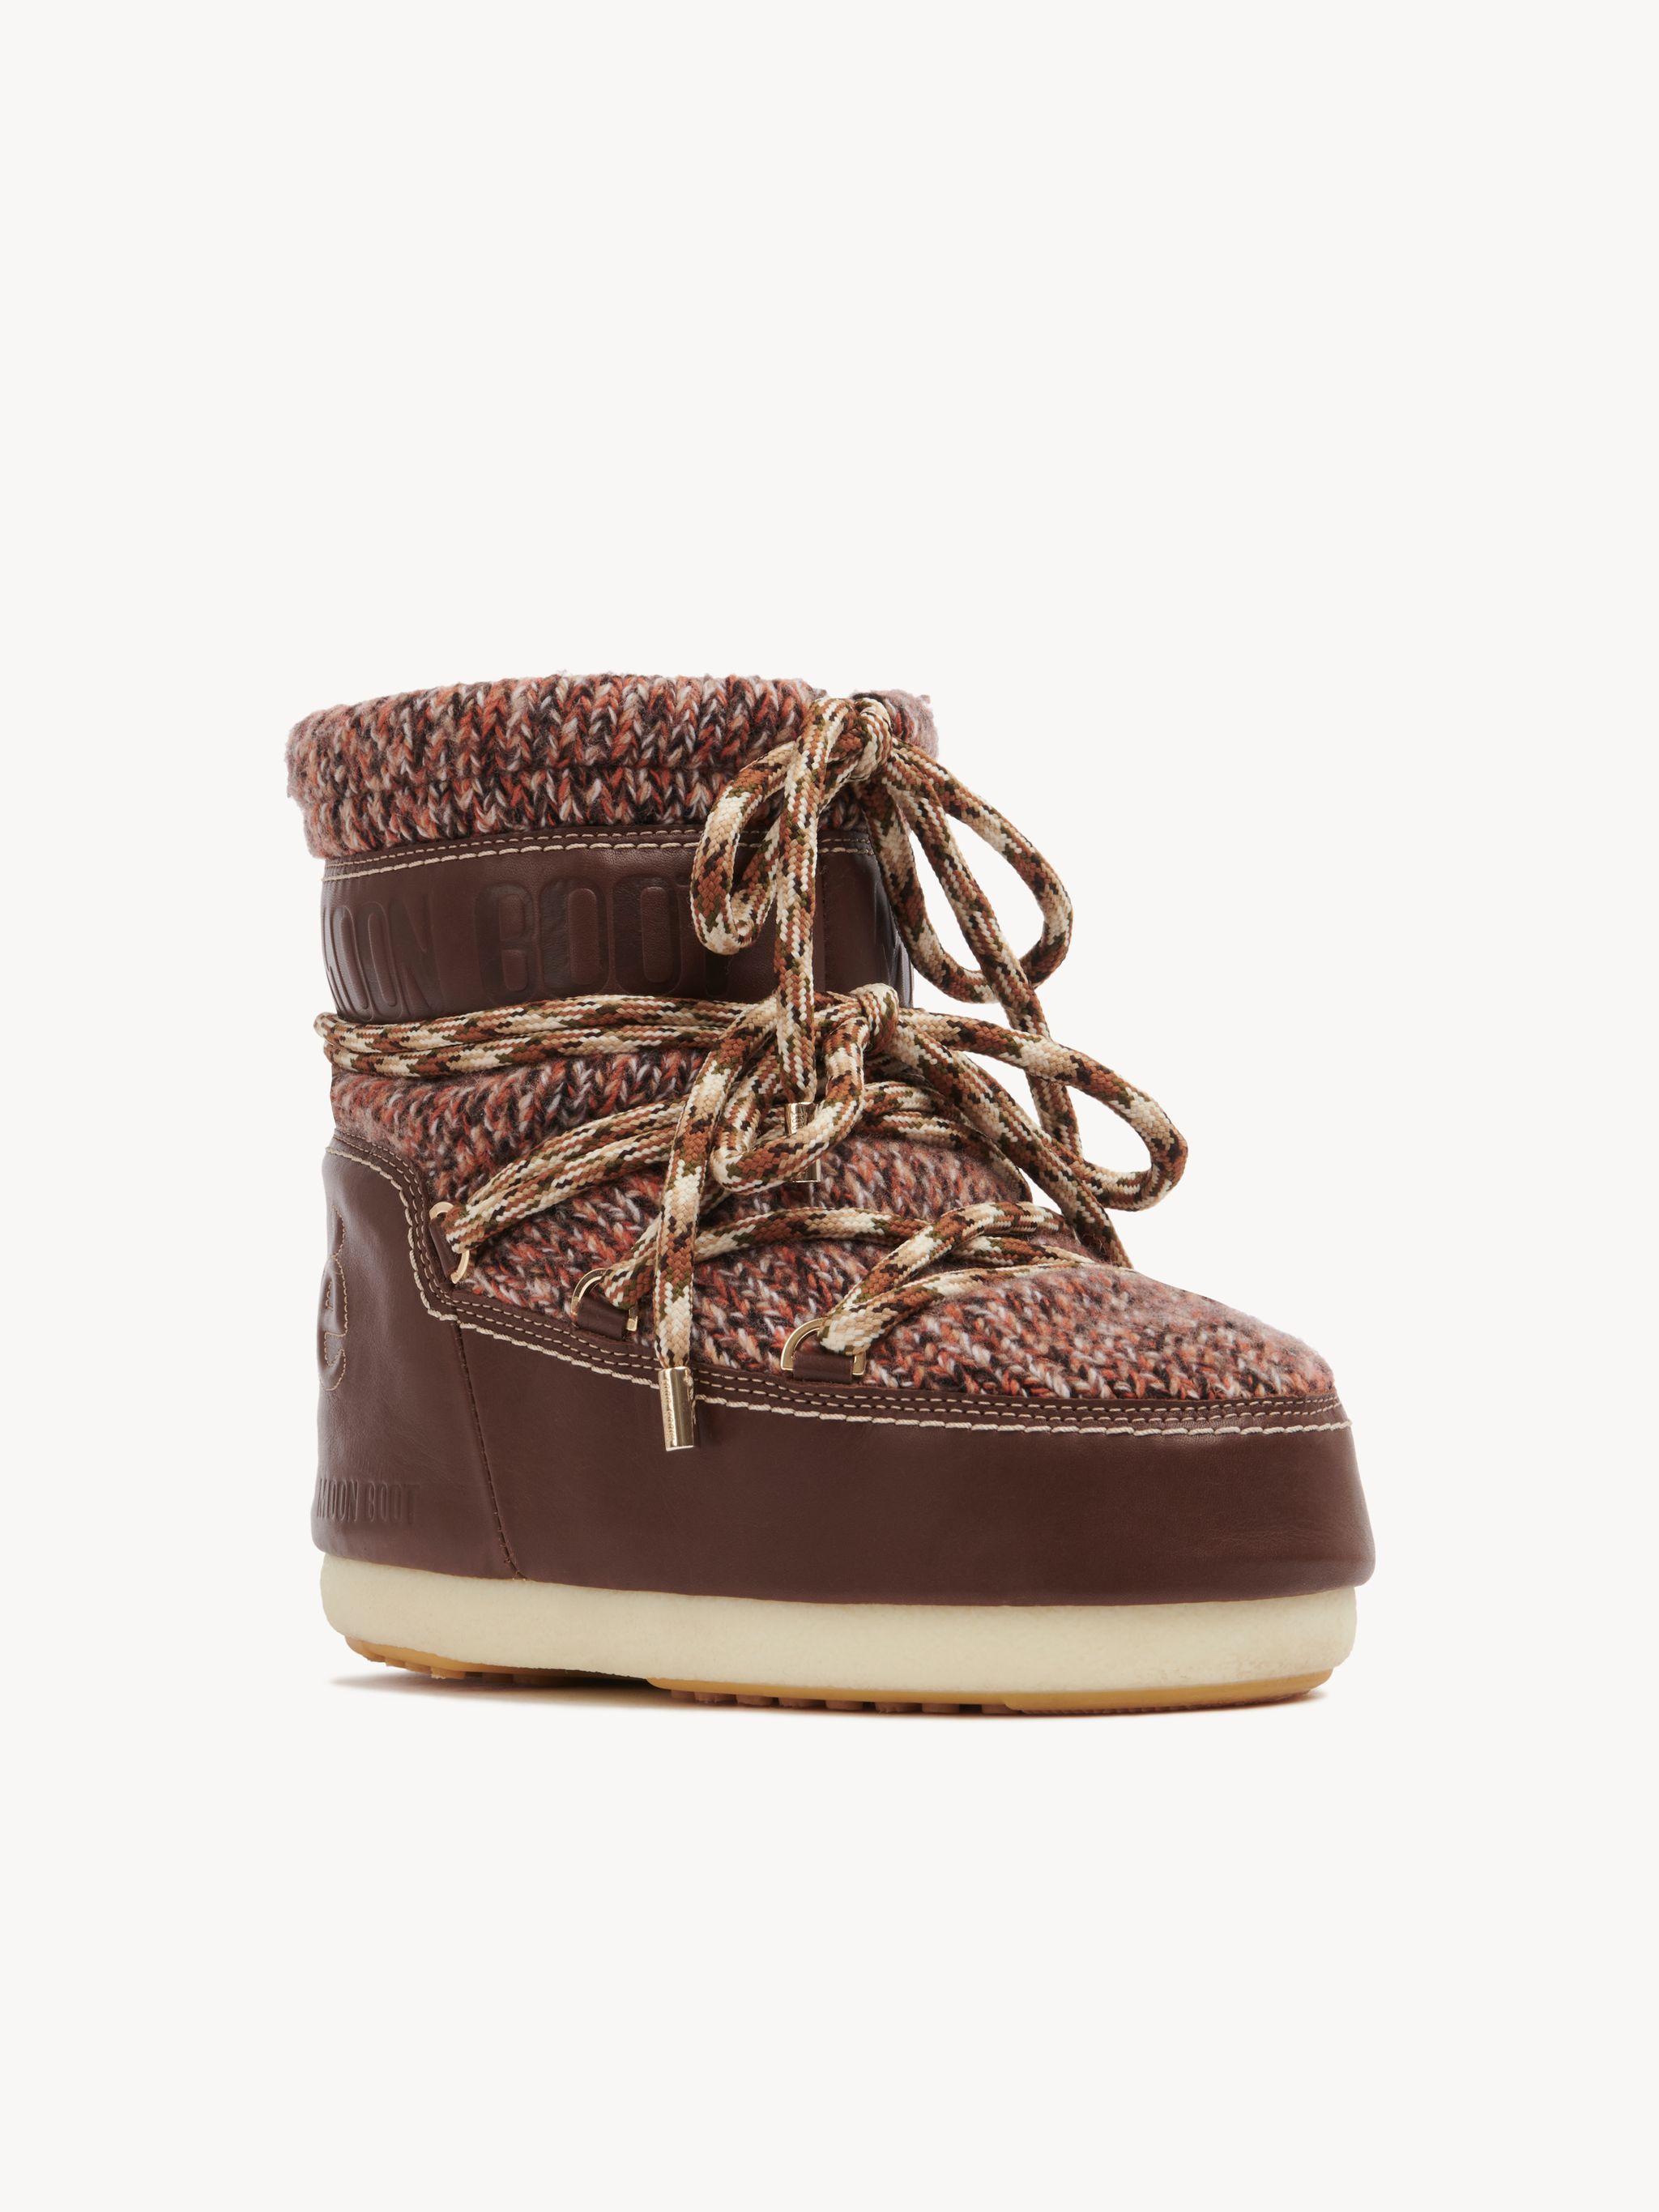 Botas Chloé Tan de lana